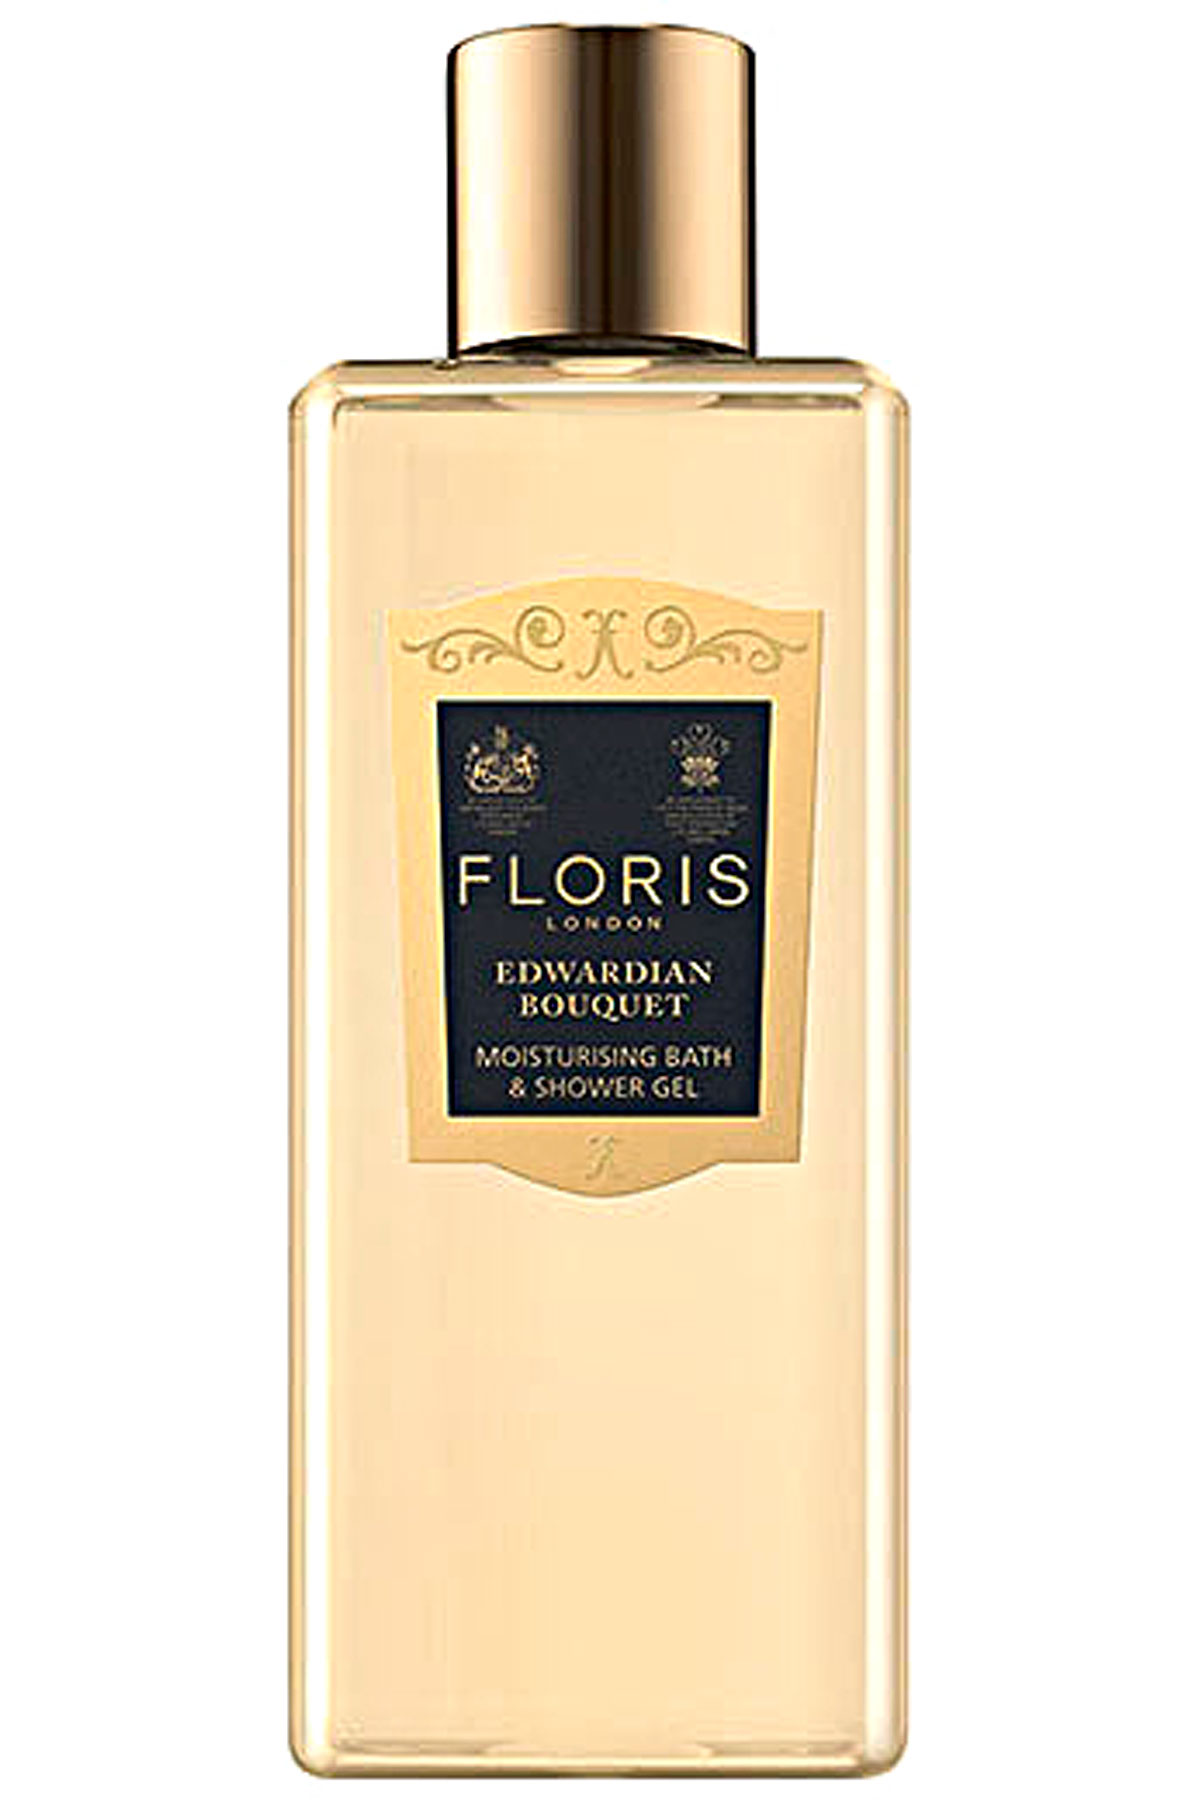 Floris London Beauty for Women On Sale, Edwardian Bouquet - Bath & Shower Gel - 250 Ml, 2019, 250 ml